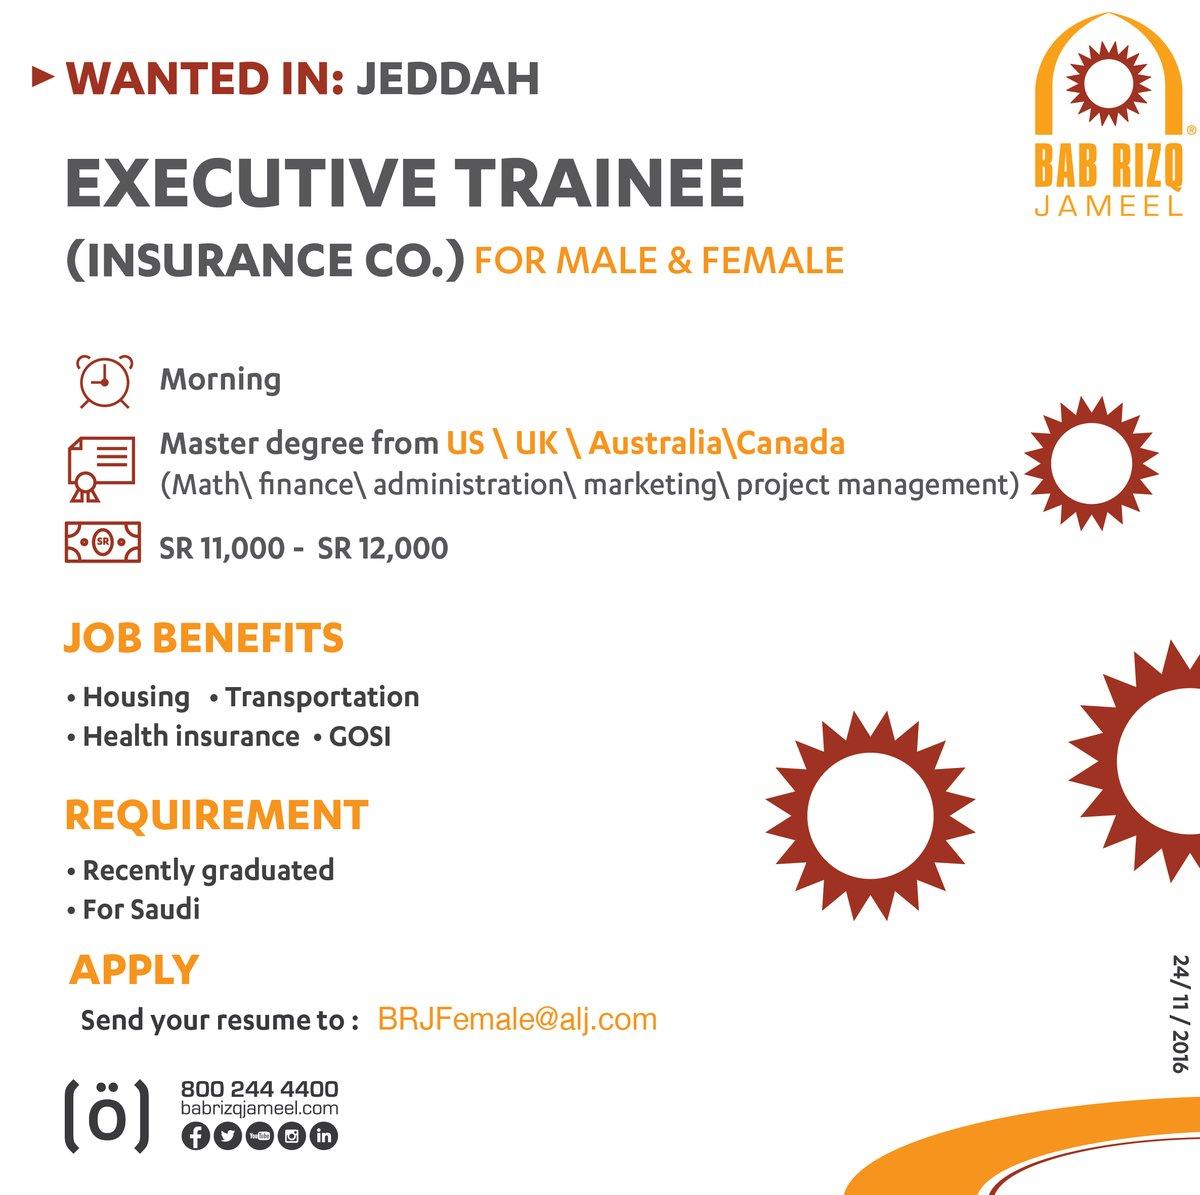 مطلوب متدرب تنفيذي من الجنسين - جدة